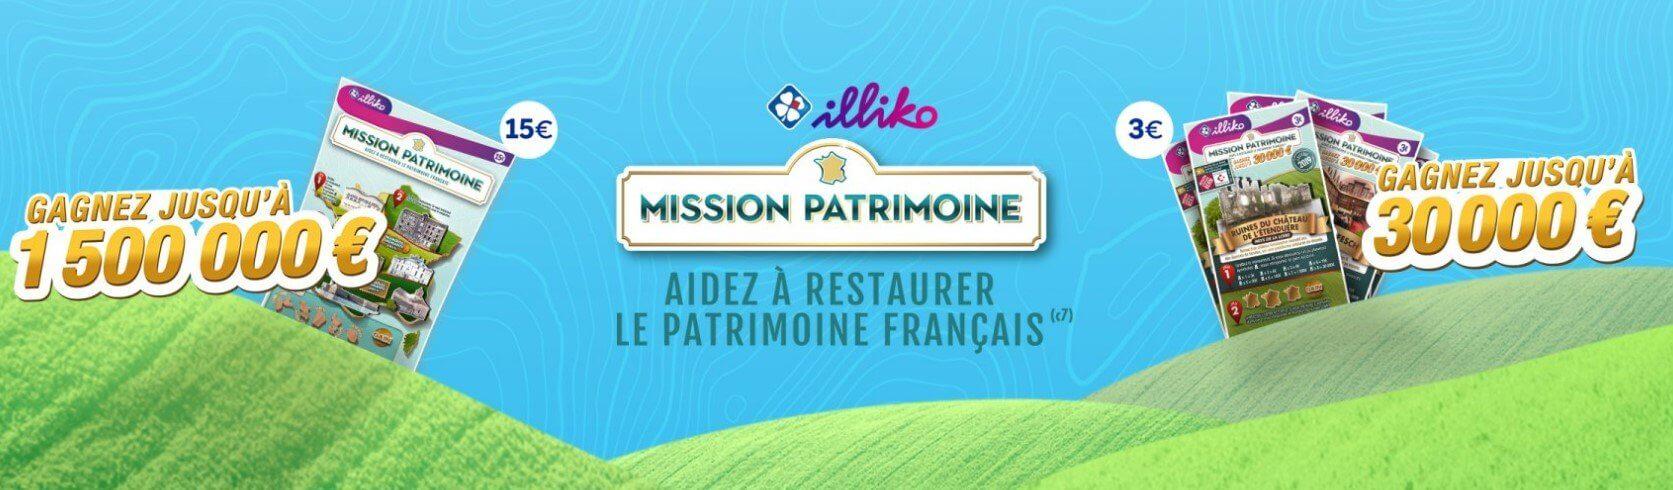 Mission Patrimoine FDJ